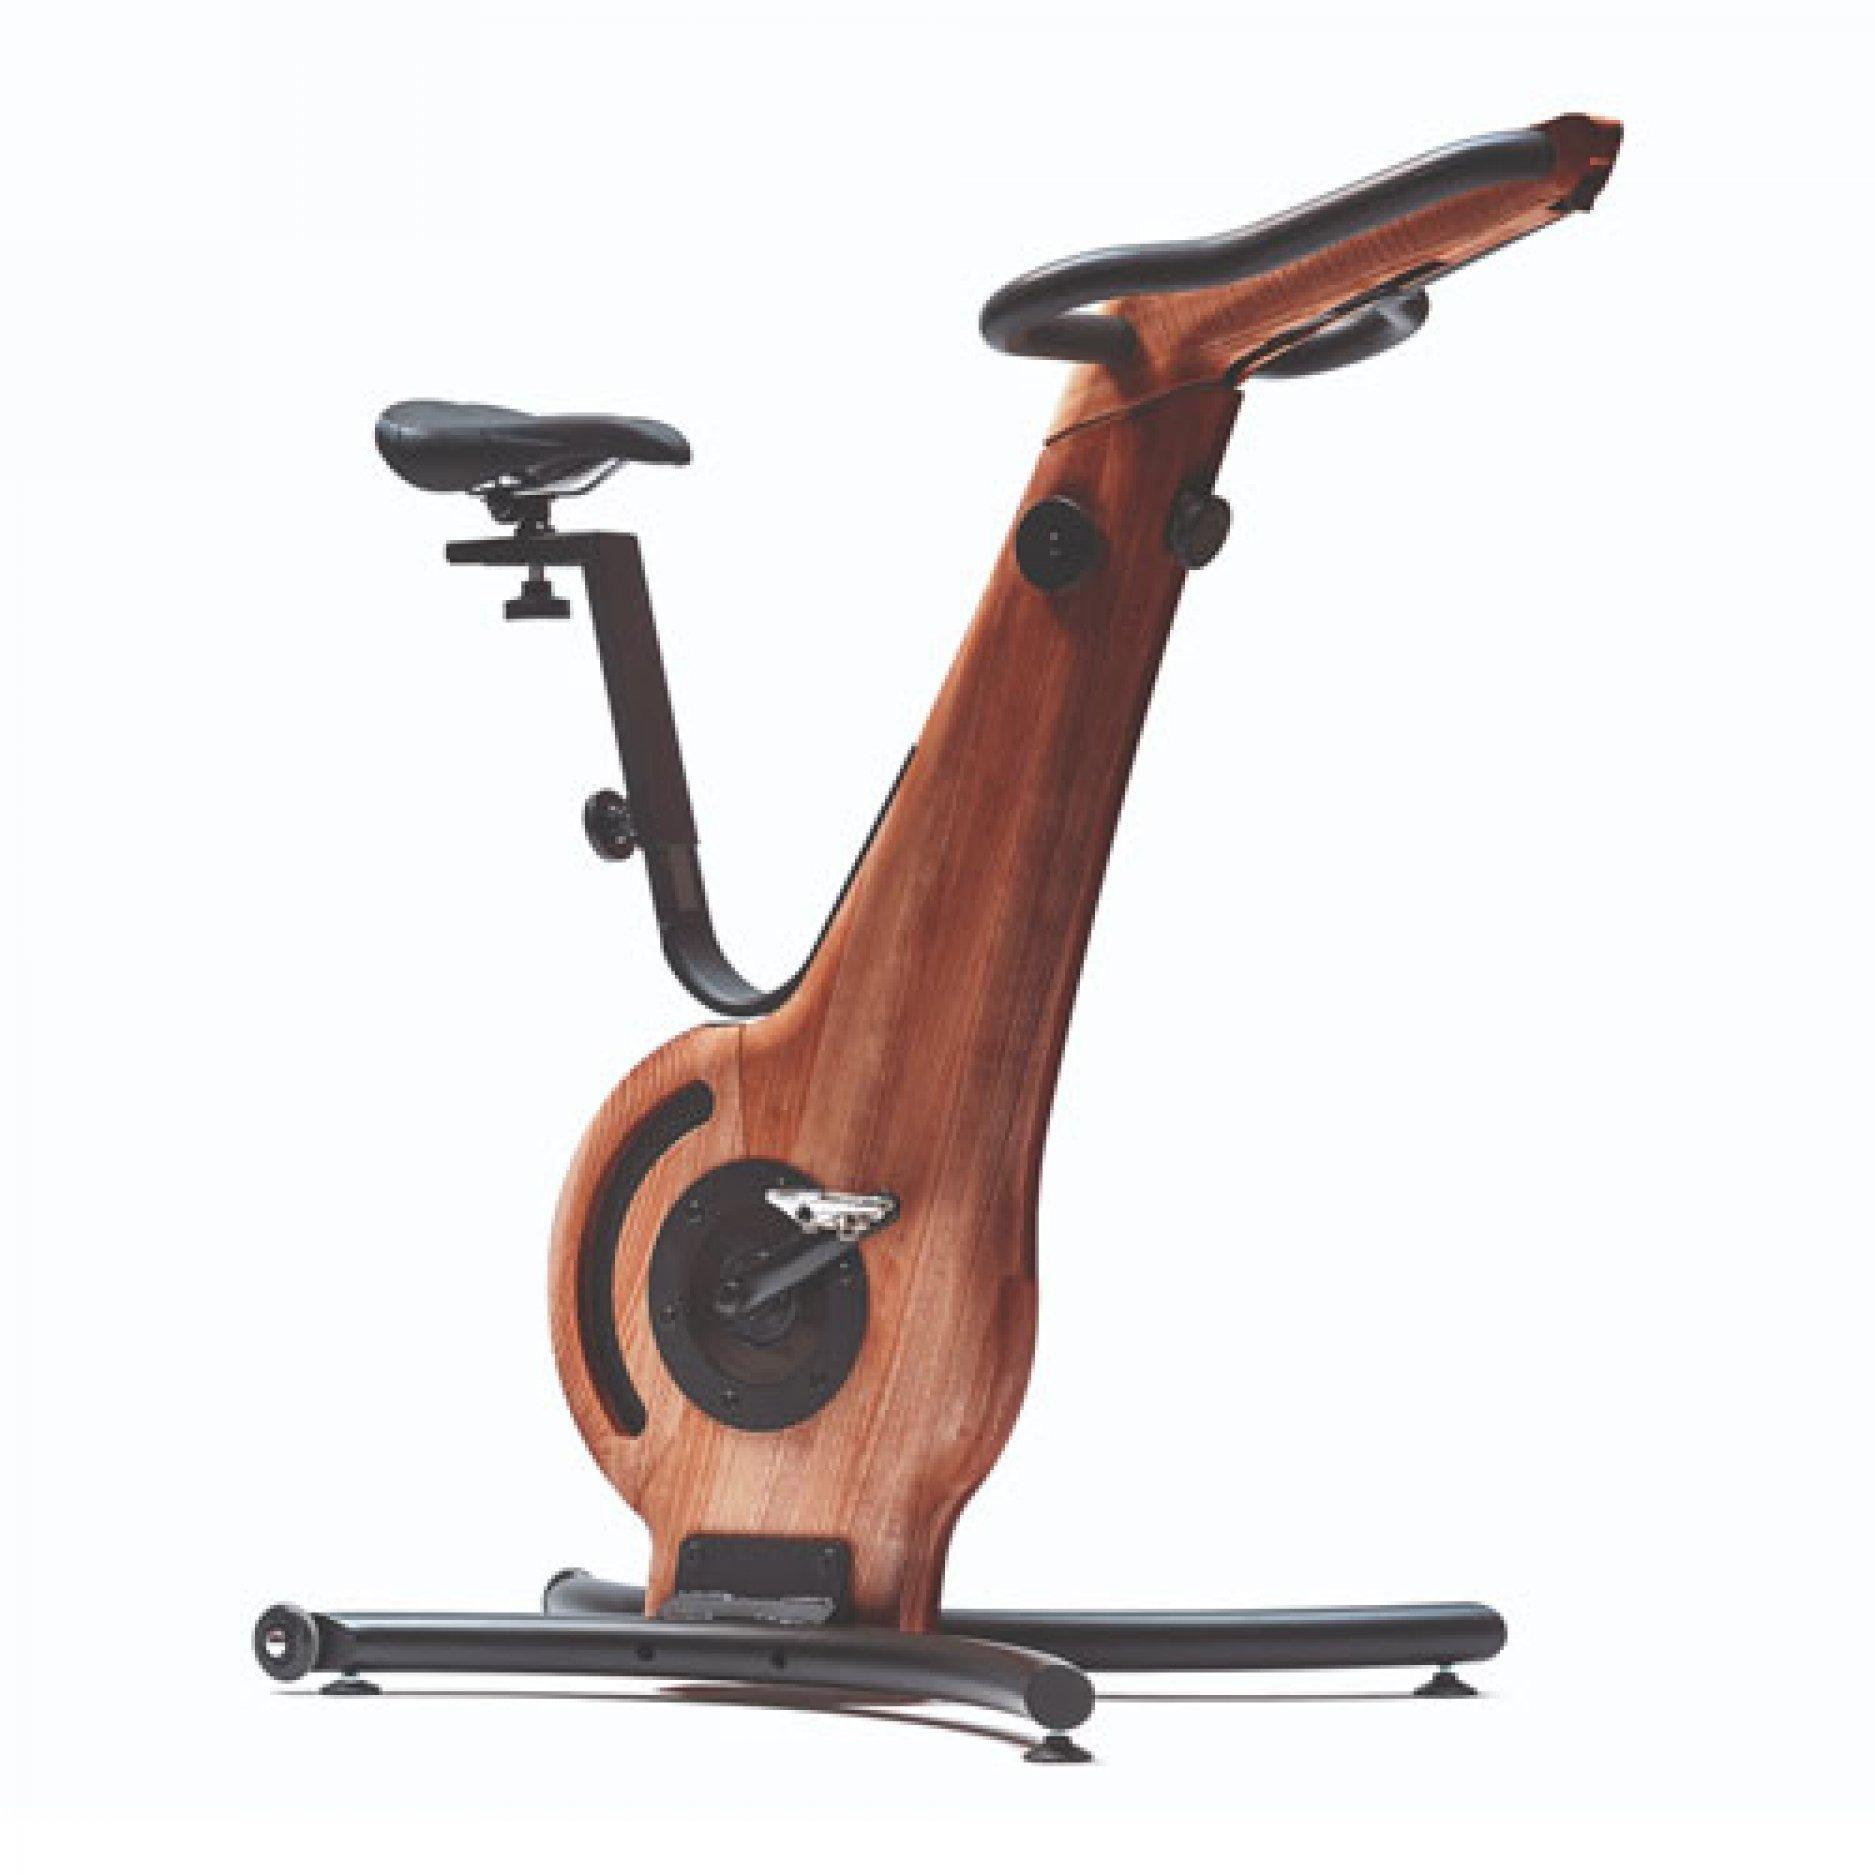 Велотренажер NOHrD Bike, материал: ясень окрашенный